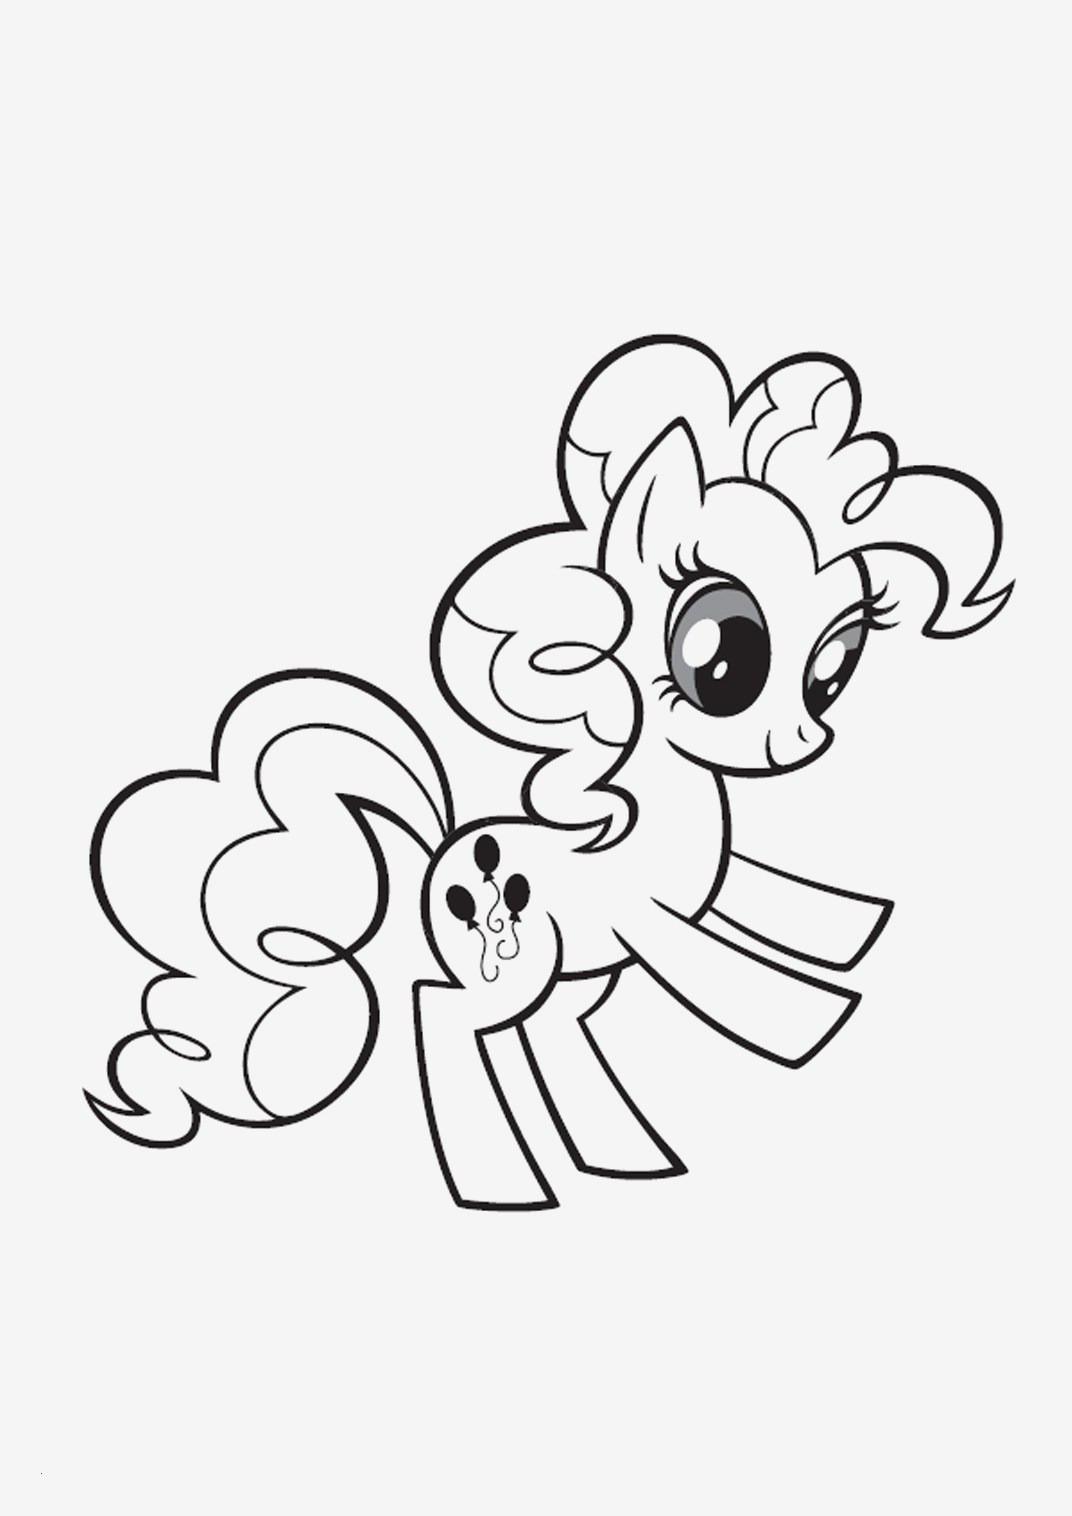 Ausmalbilder My Little Pony Rainbow Dash Neu Beispielbilder Färben Ausmalbilder My Little Pony Einzigartig Bilder